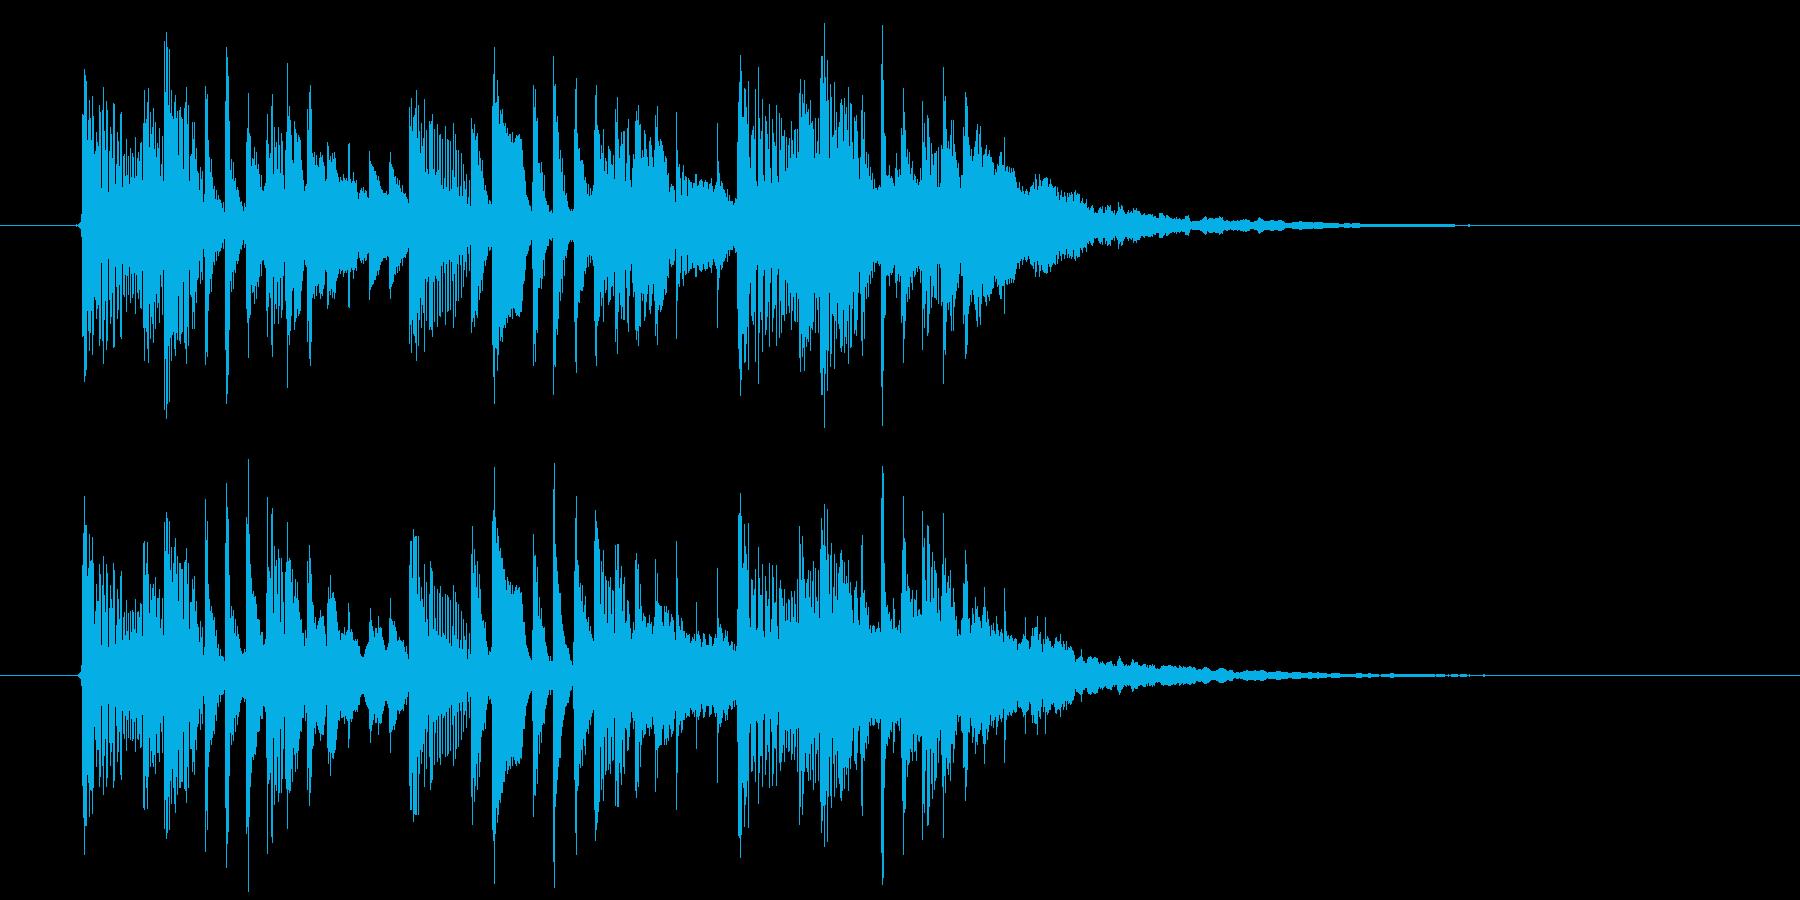 新しいことが始まる予感がする曲の再生済みの波形